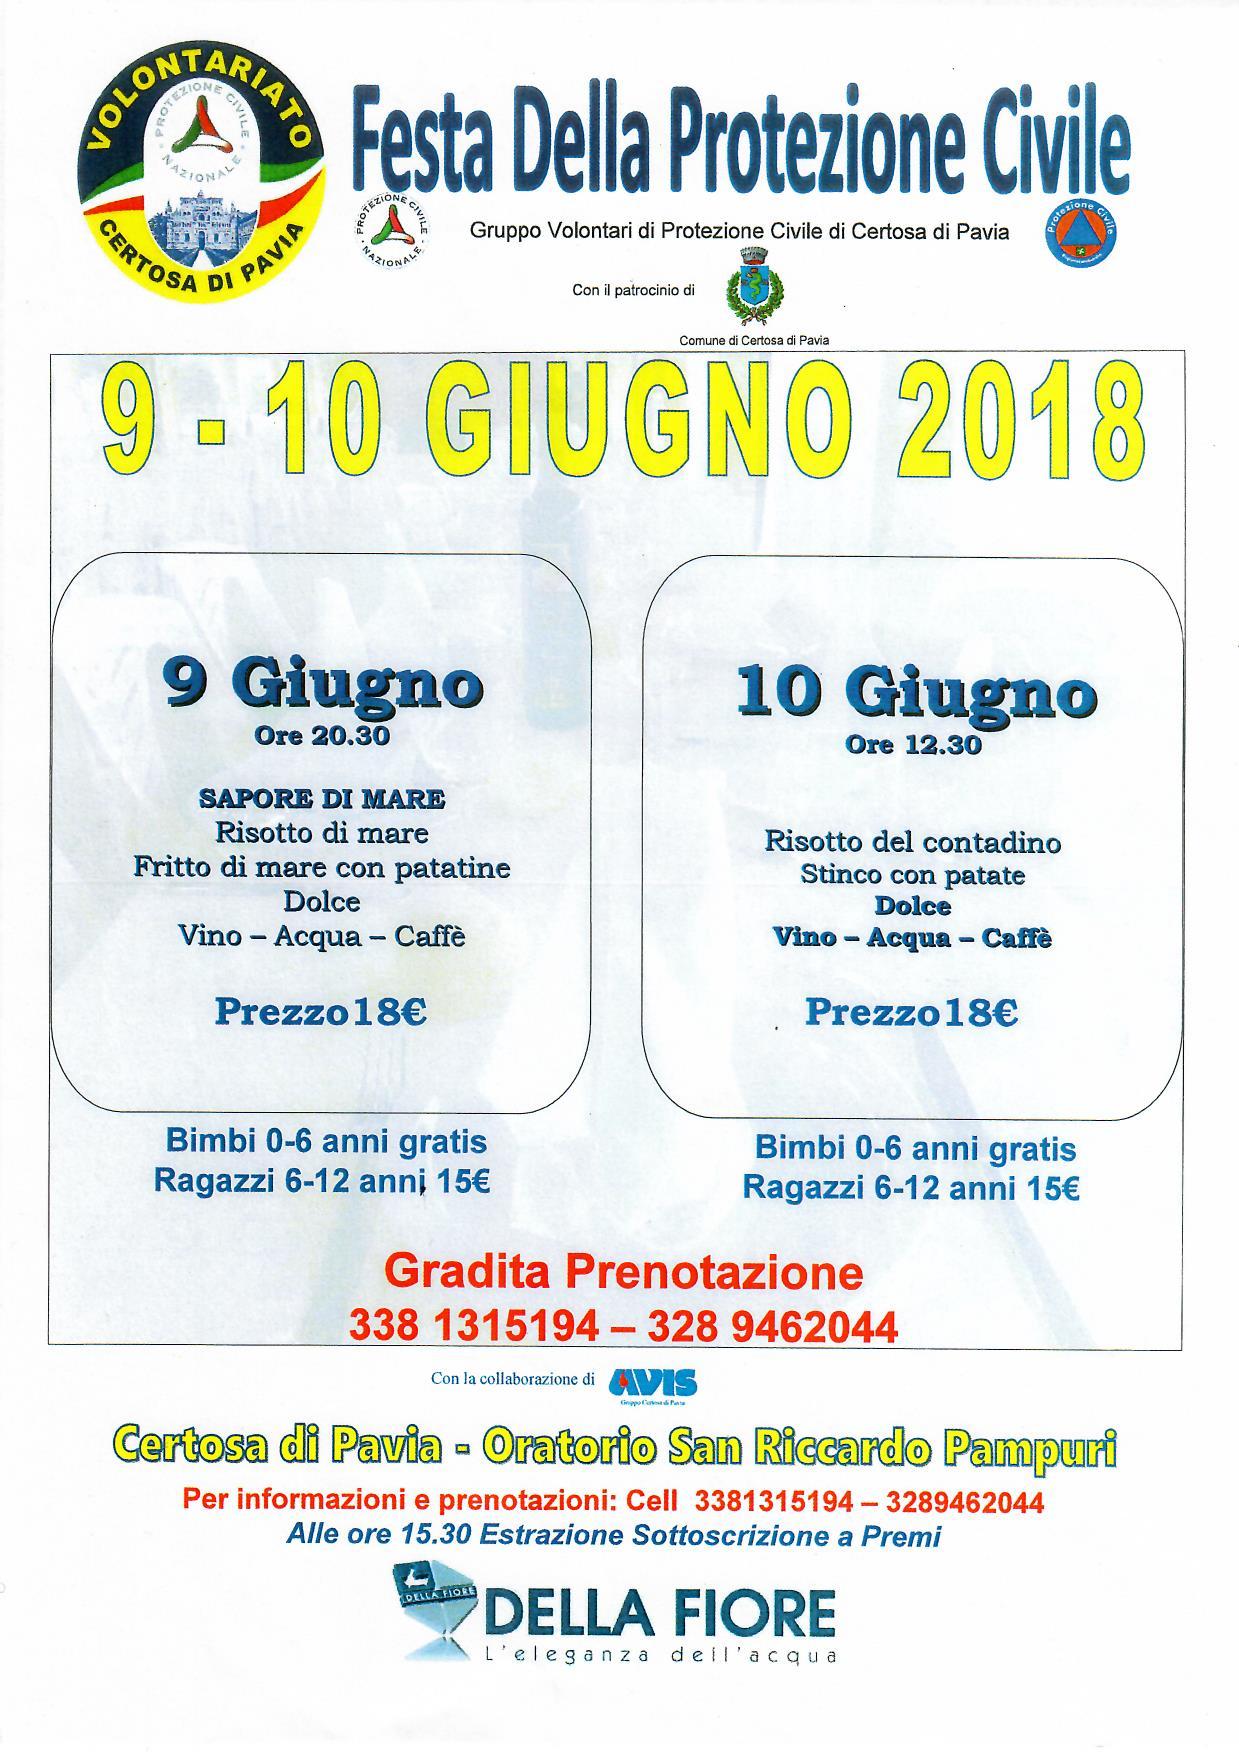 Festa della Protezione Civile di Certosa di Pavia - 9 e 10 giugno 2018